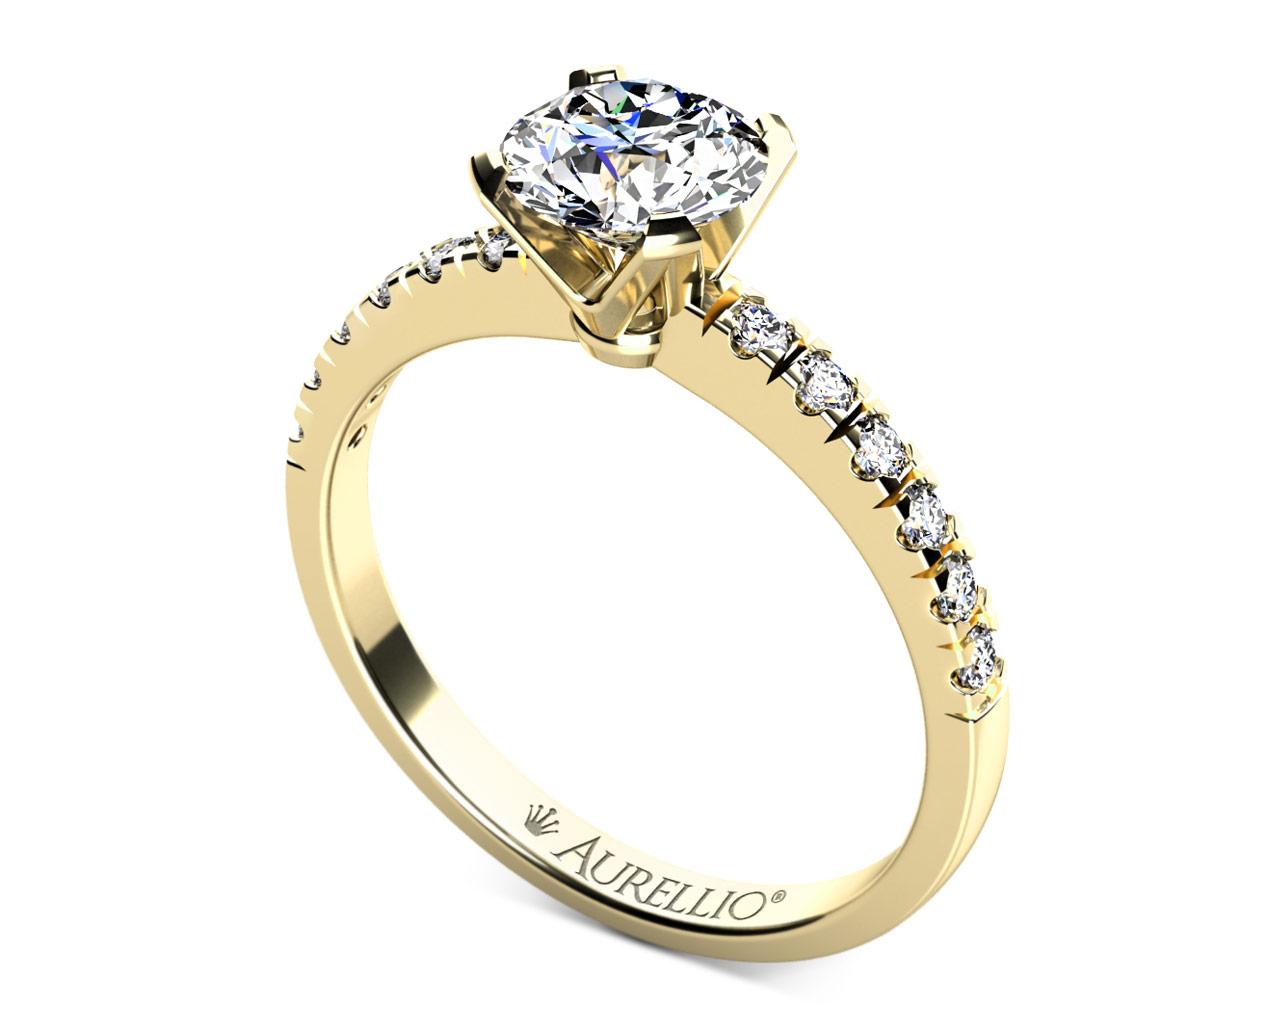 Zásnubní prsten - Kometa Forbes 1. fotka